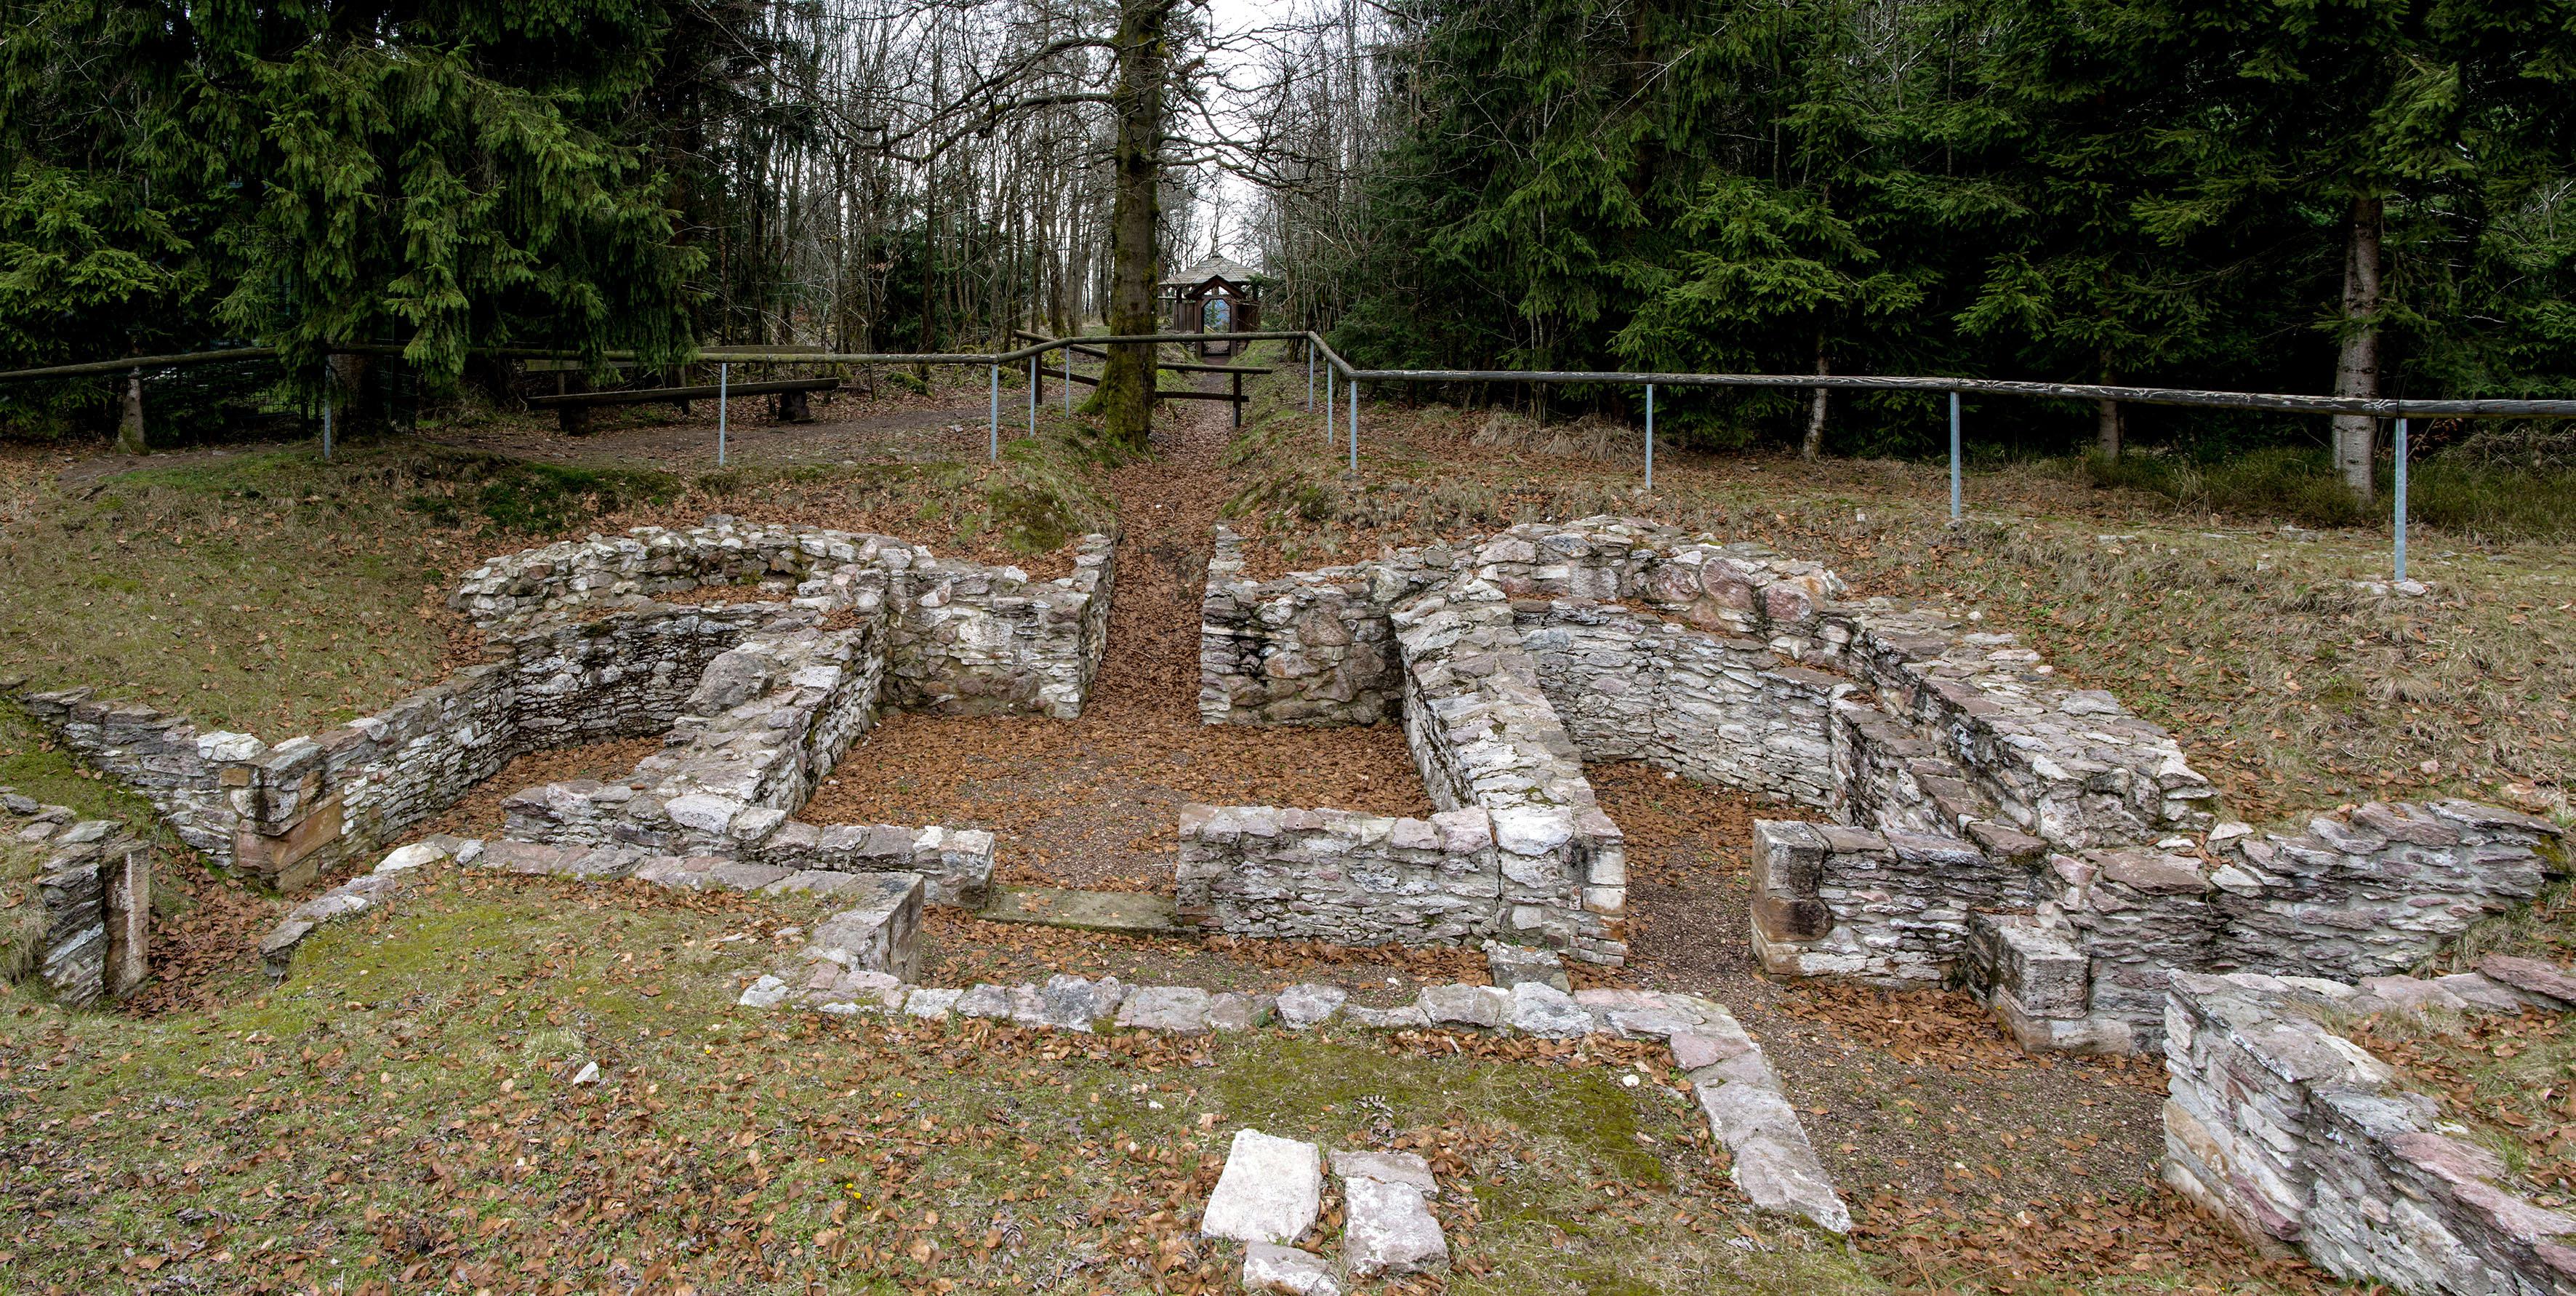 Steinerne Mauerfundamente sind im Boden sichtbar